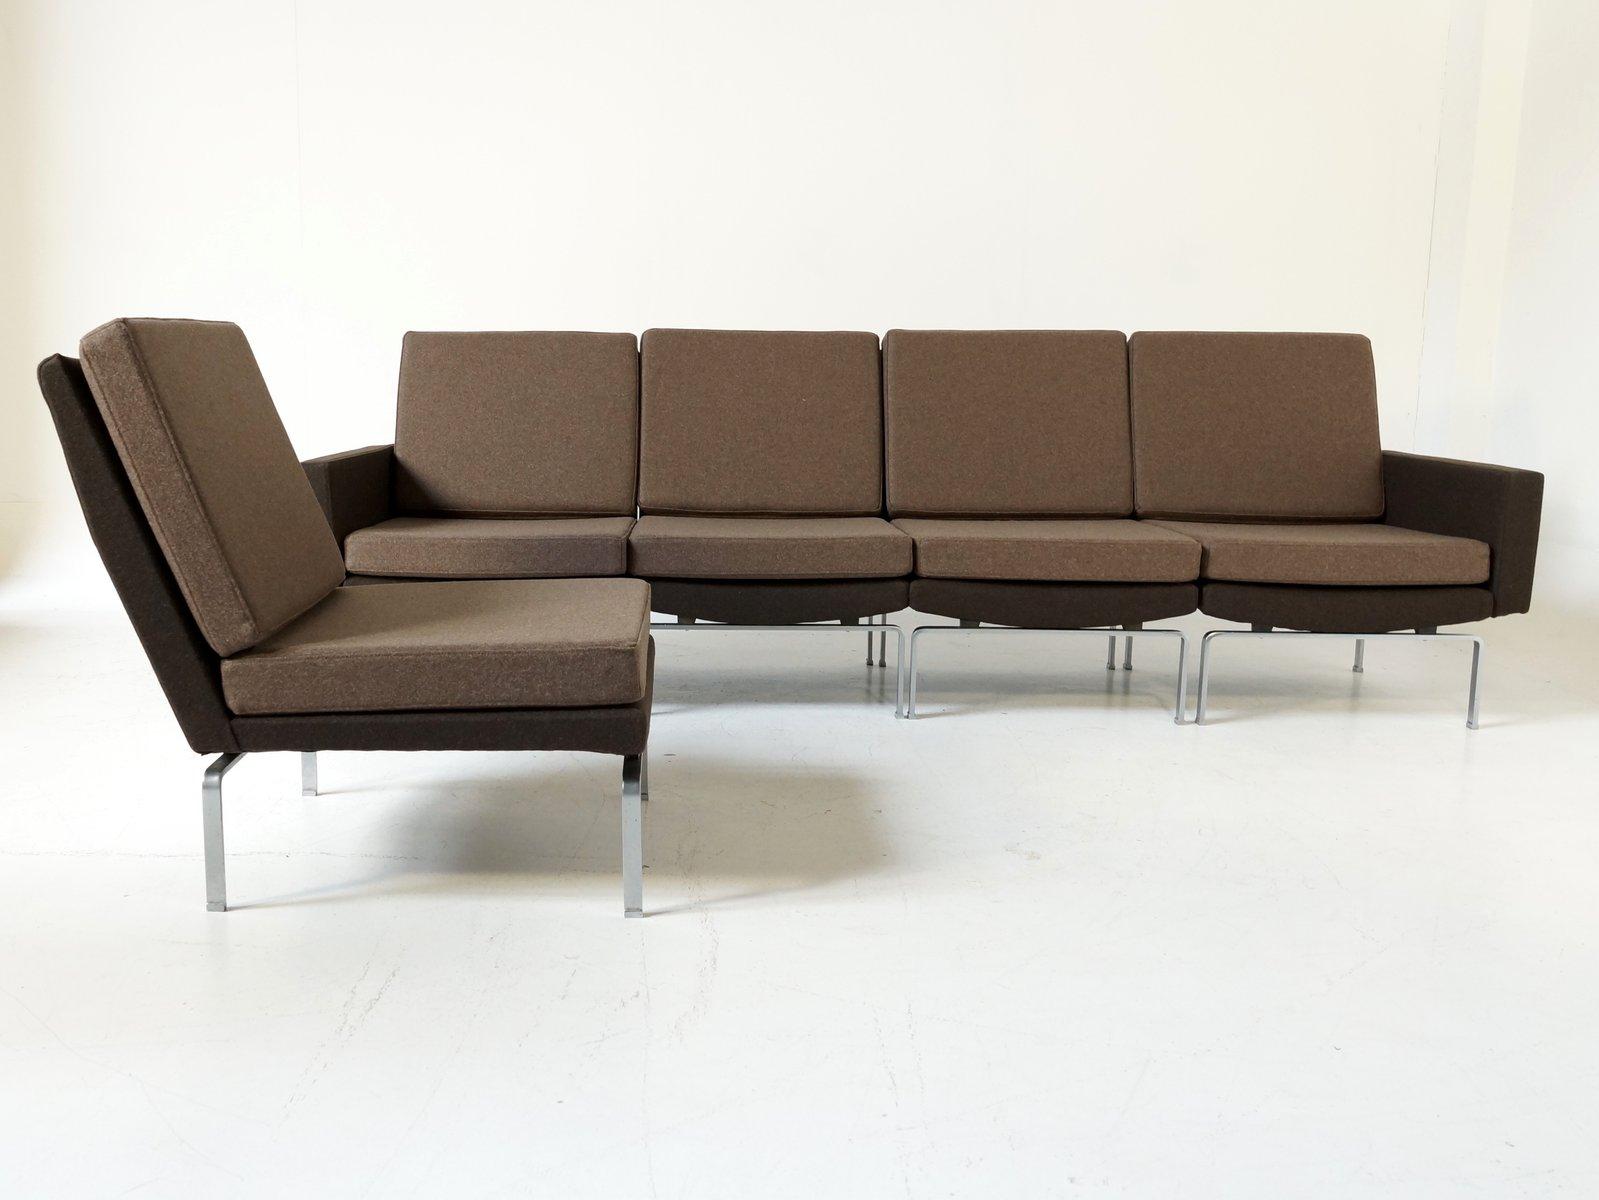 braunes modulares sofa aus f nf teilen mit verchromten stahlgestell 1972 bei pamono kaufen. Black Bedroom Furniture Sets. Home Design Ideas